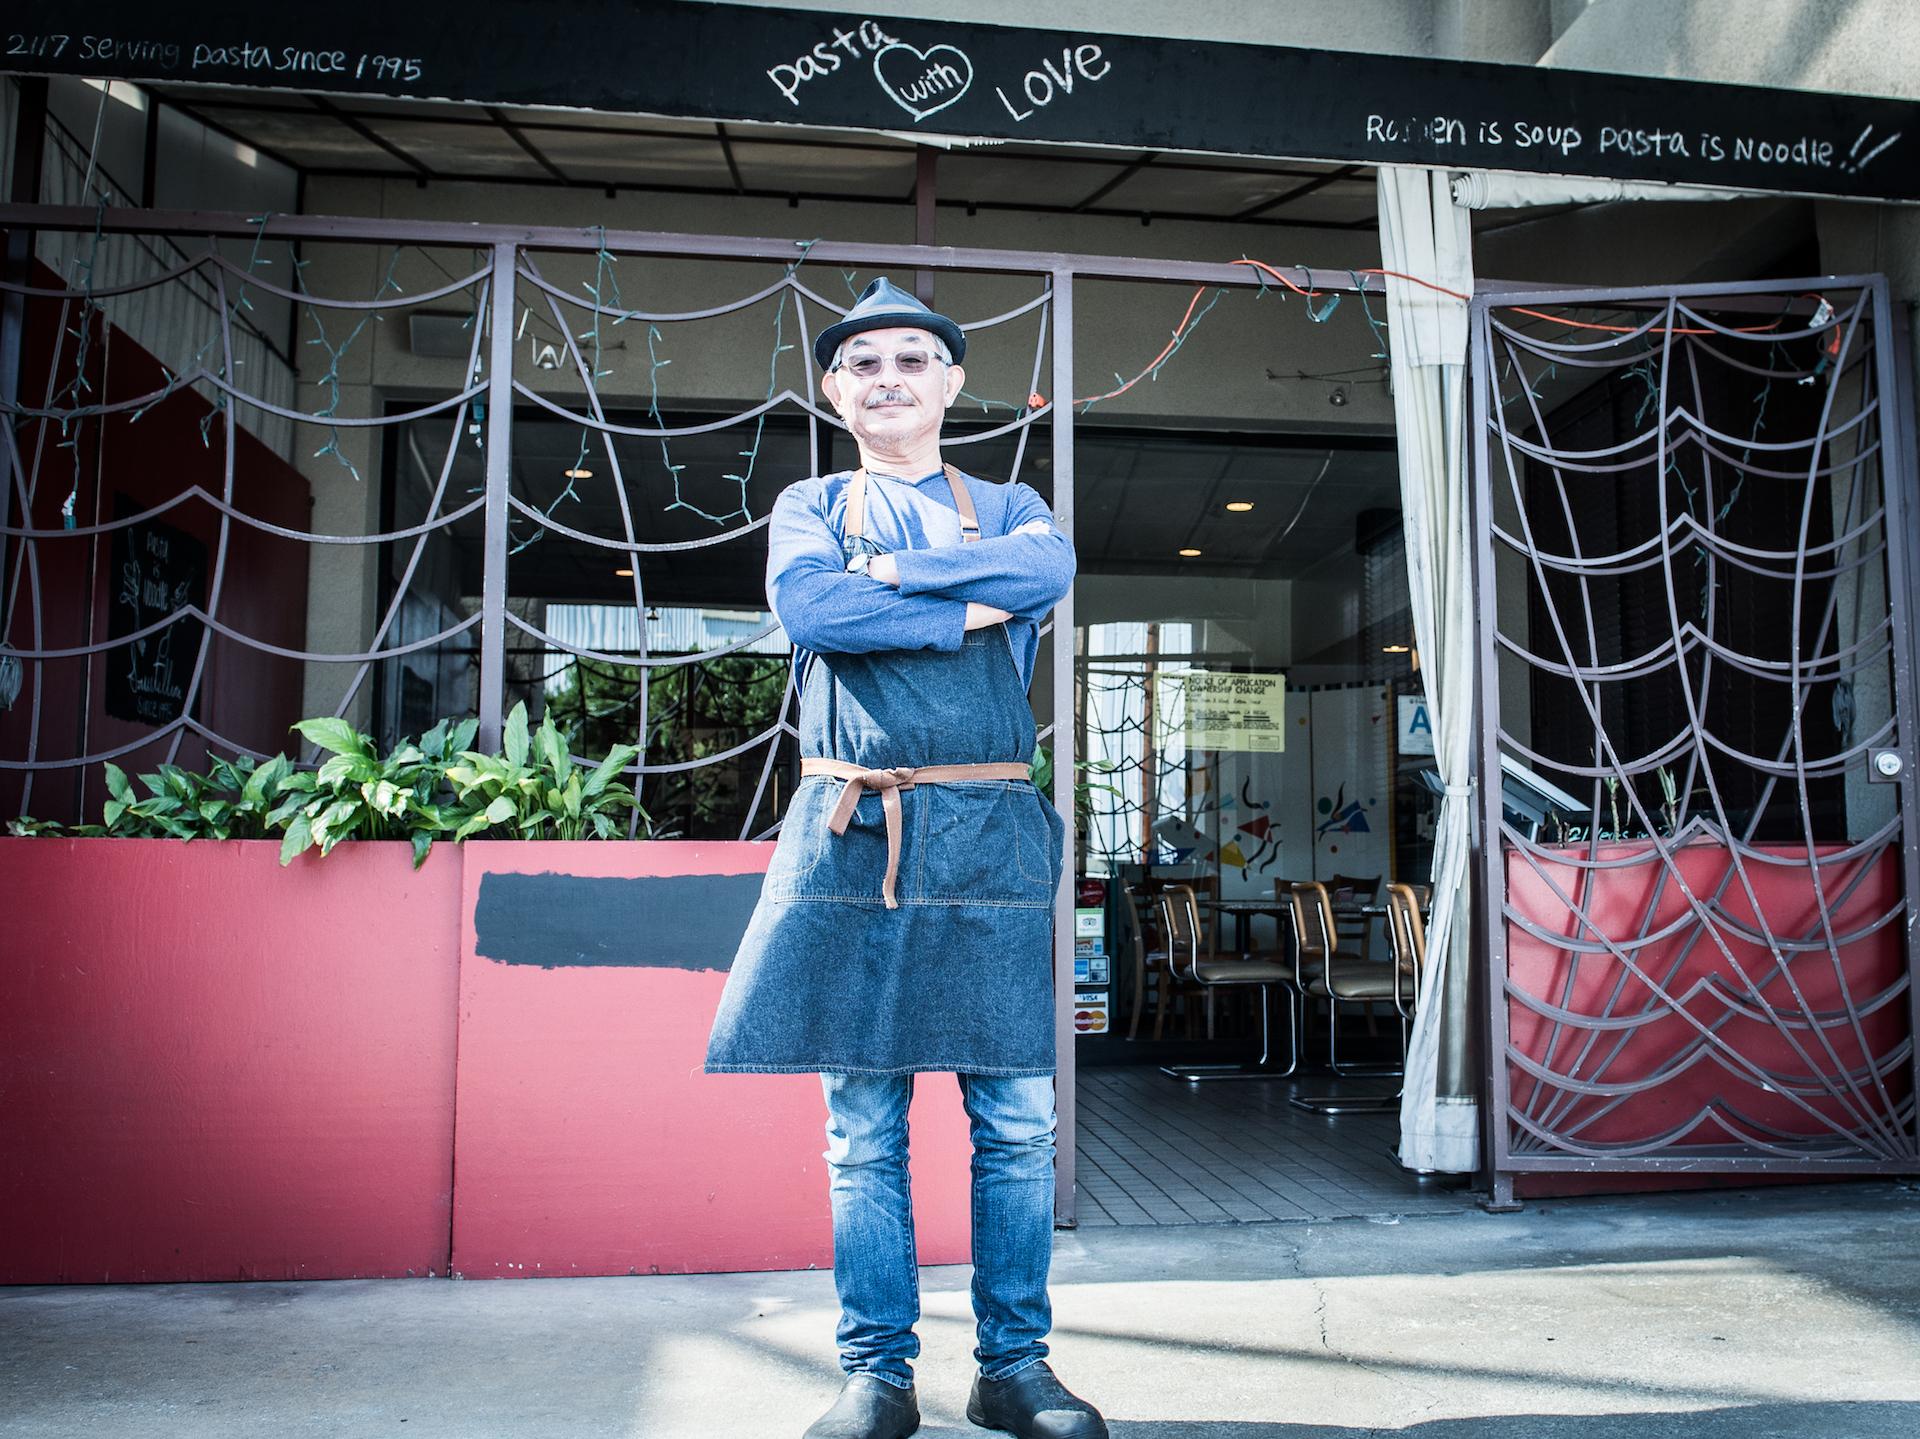 restaurant-2117-3.jpg